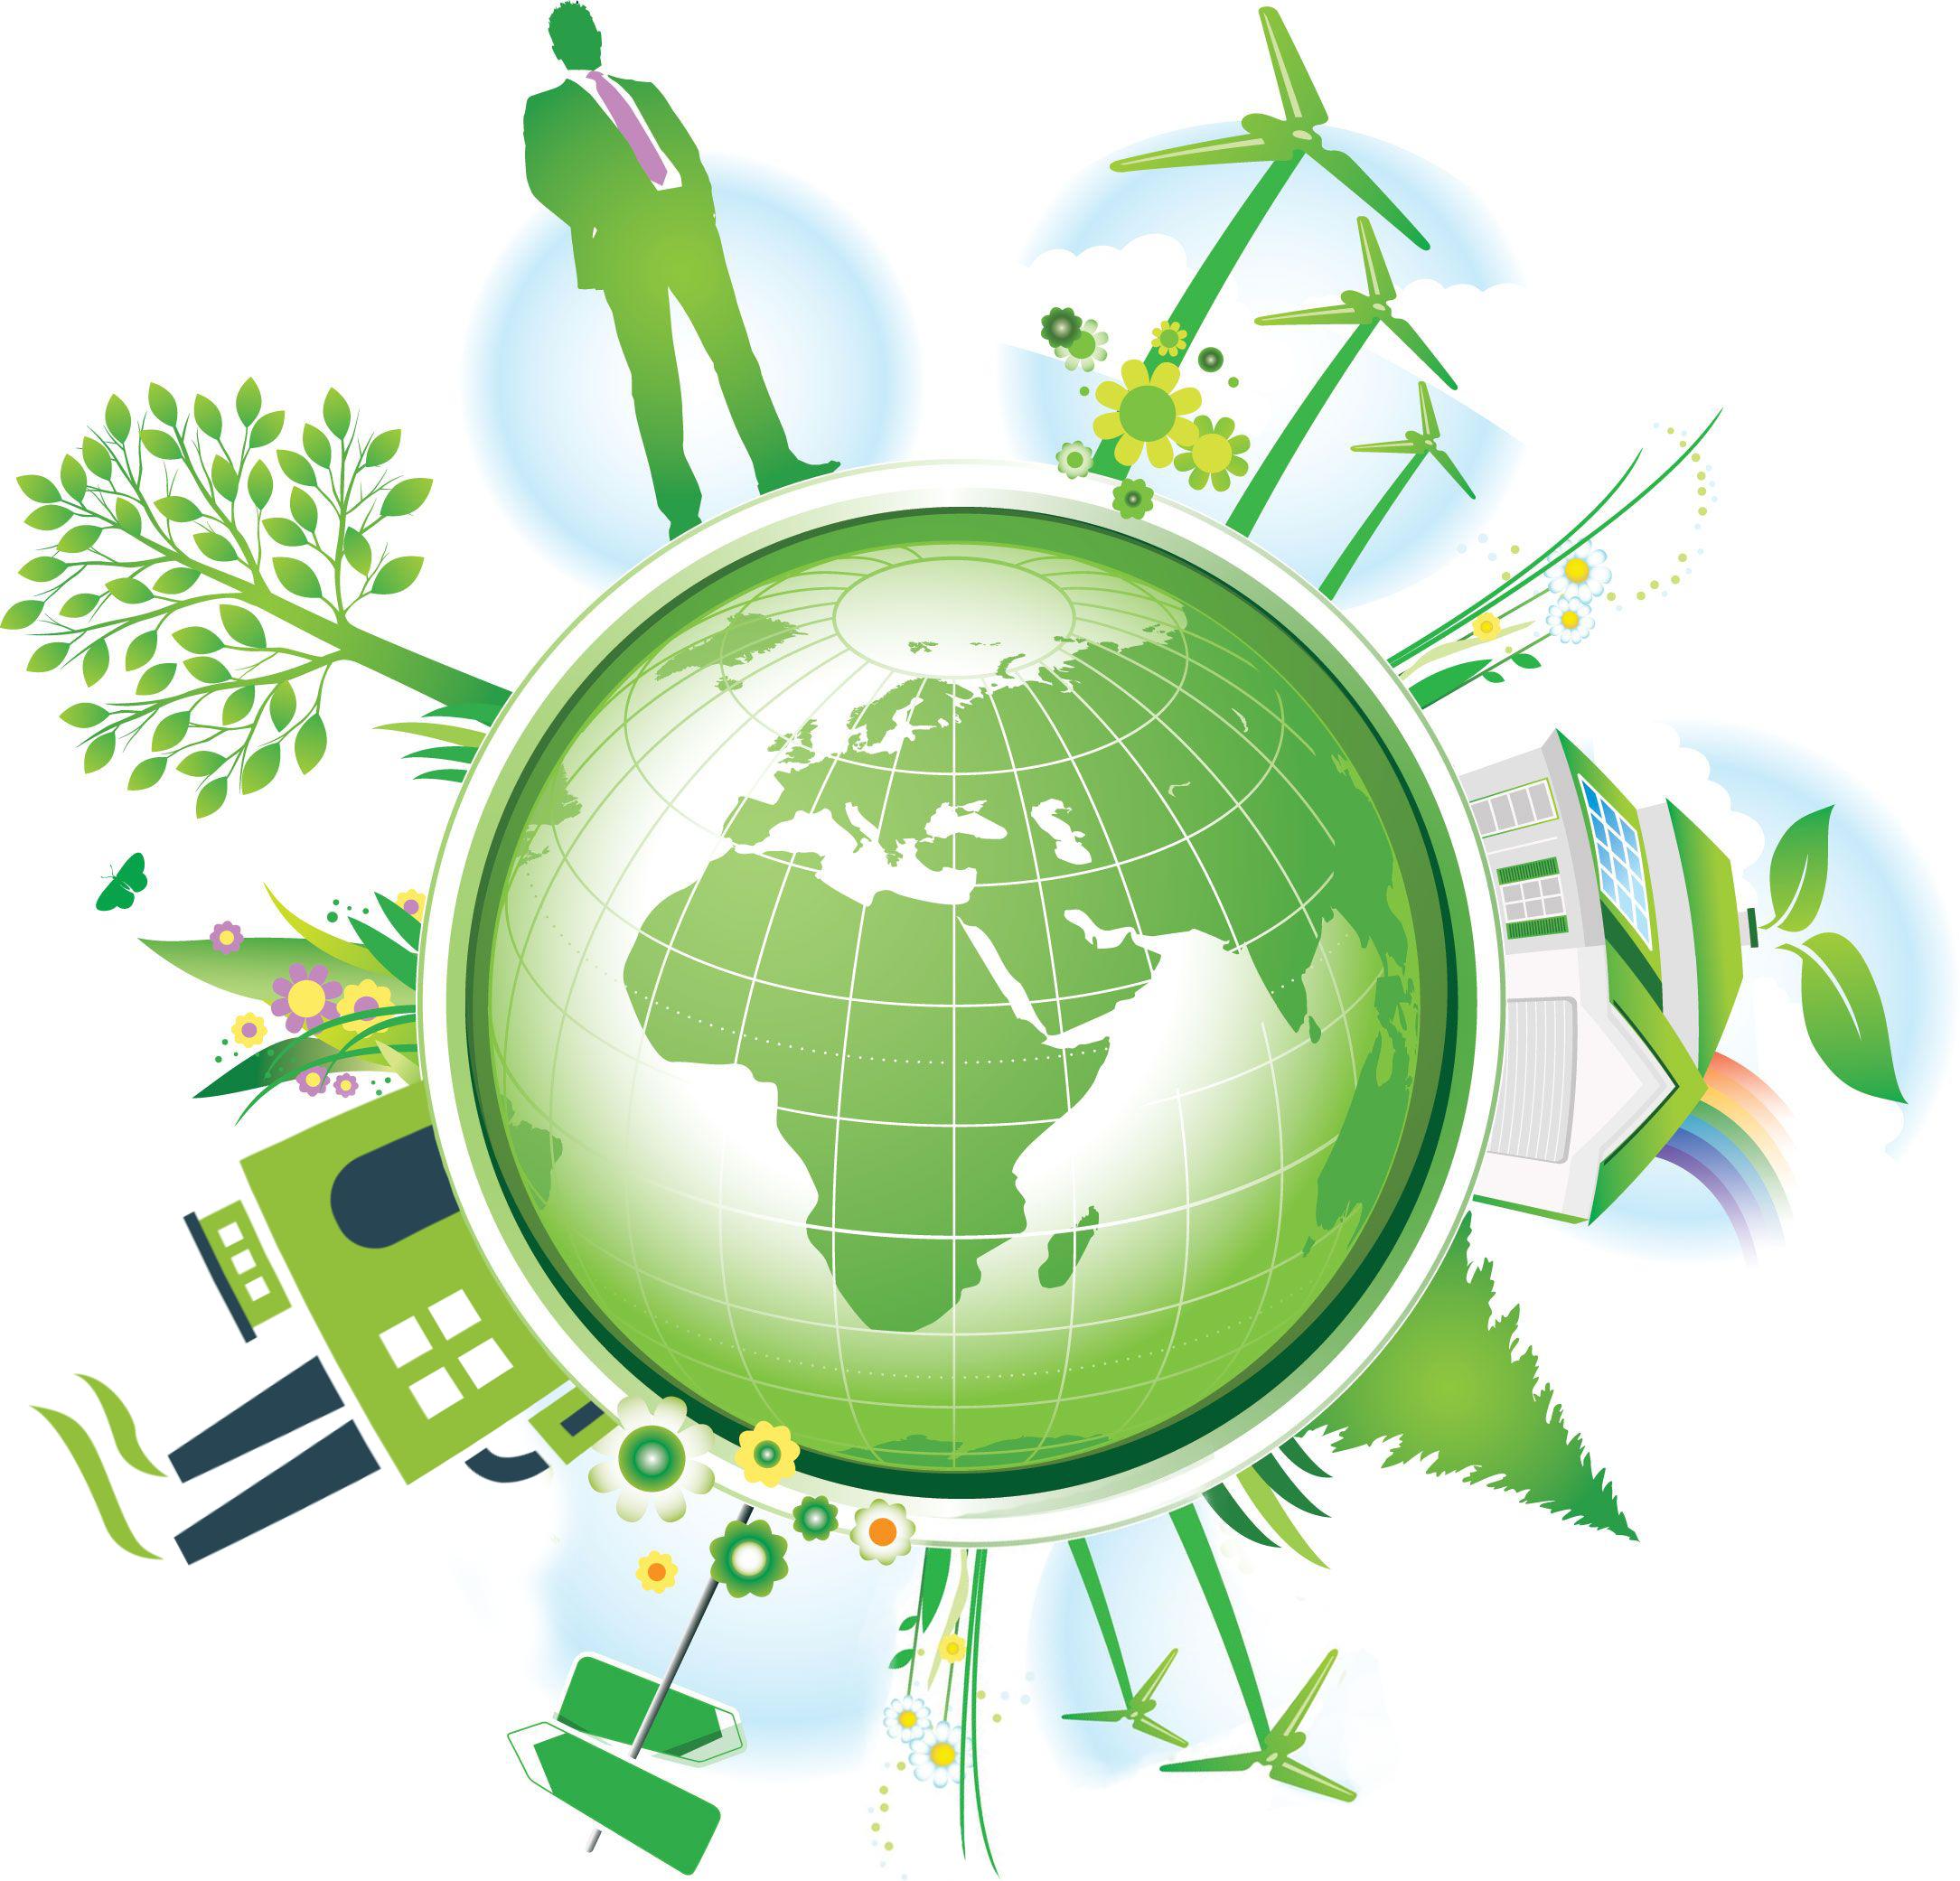 Економія витрат на енергоспоживання за перший квартал 2020 р.  склала більше 1,6 млн. грн.